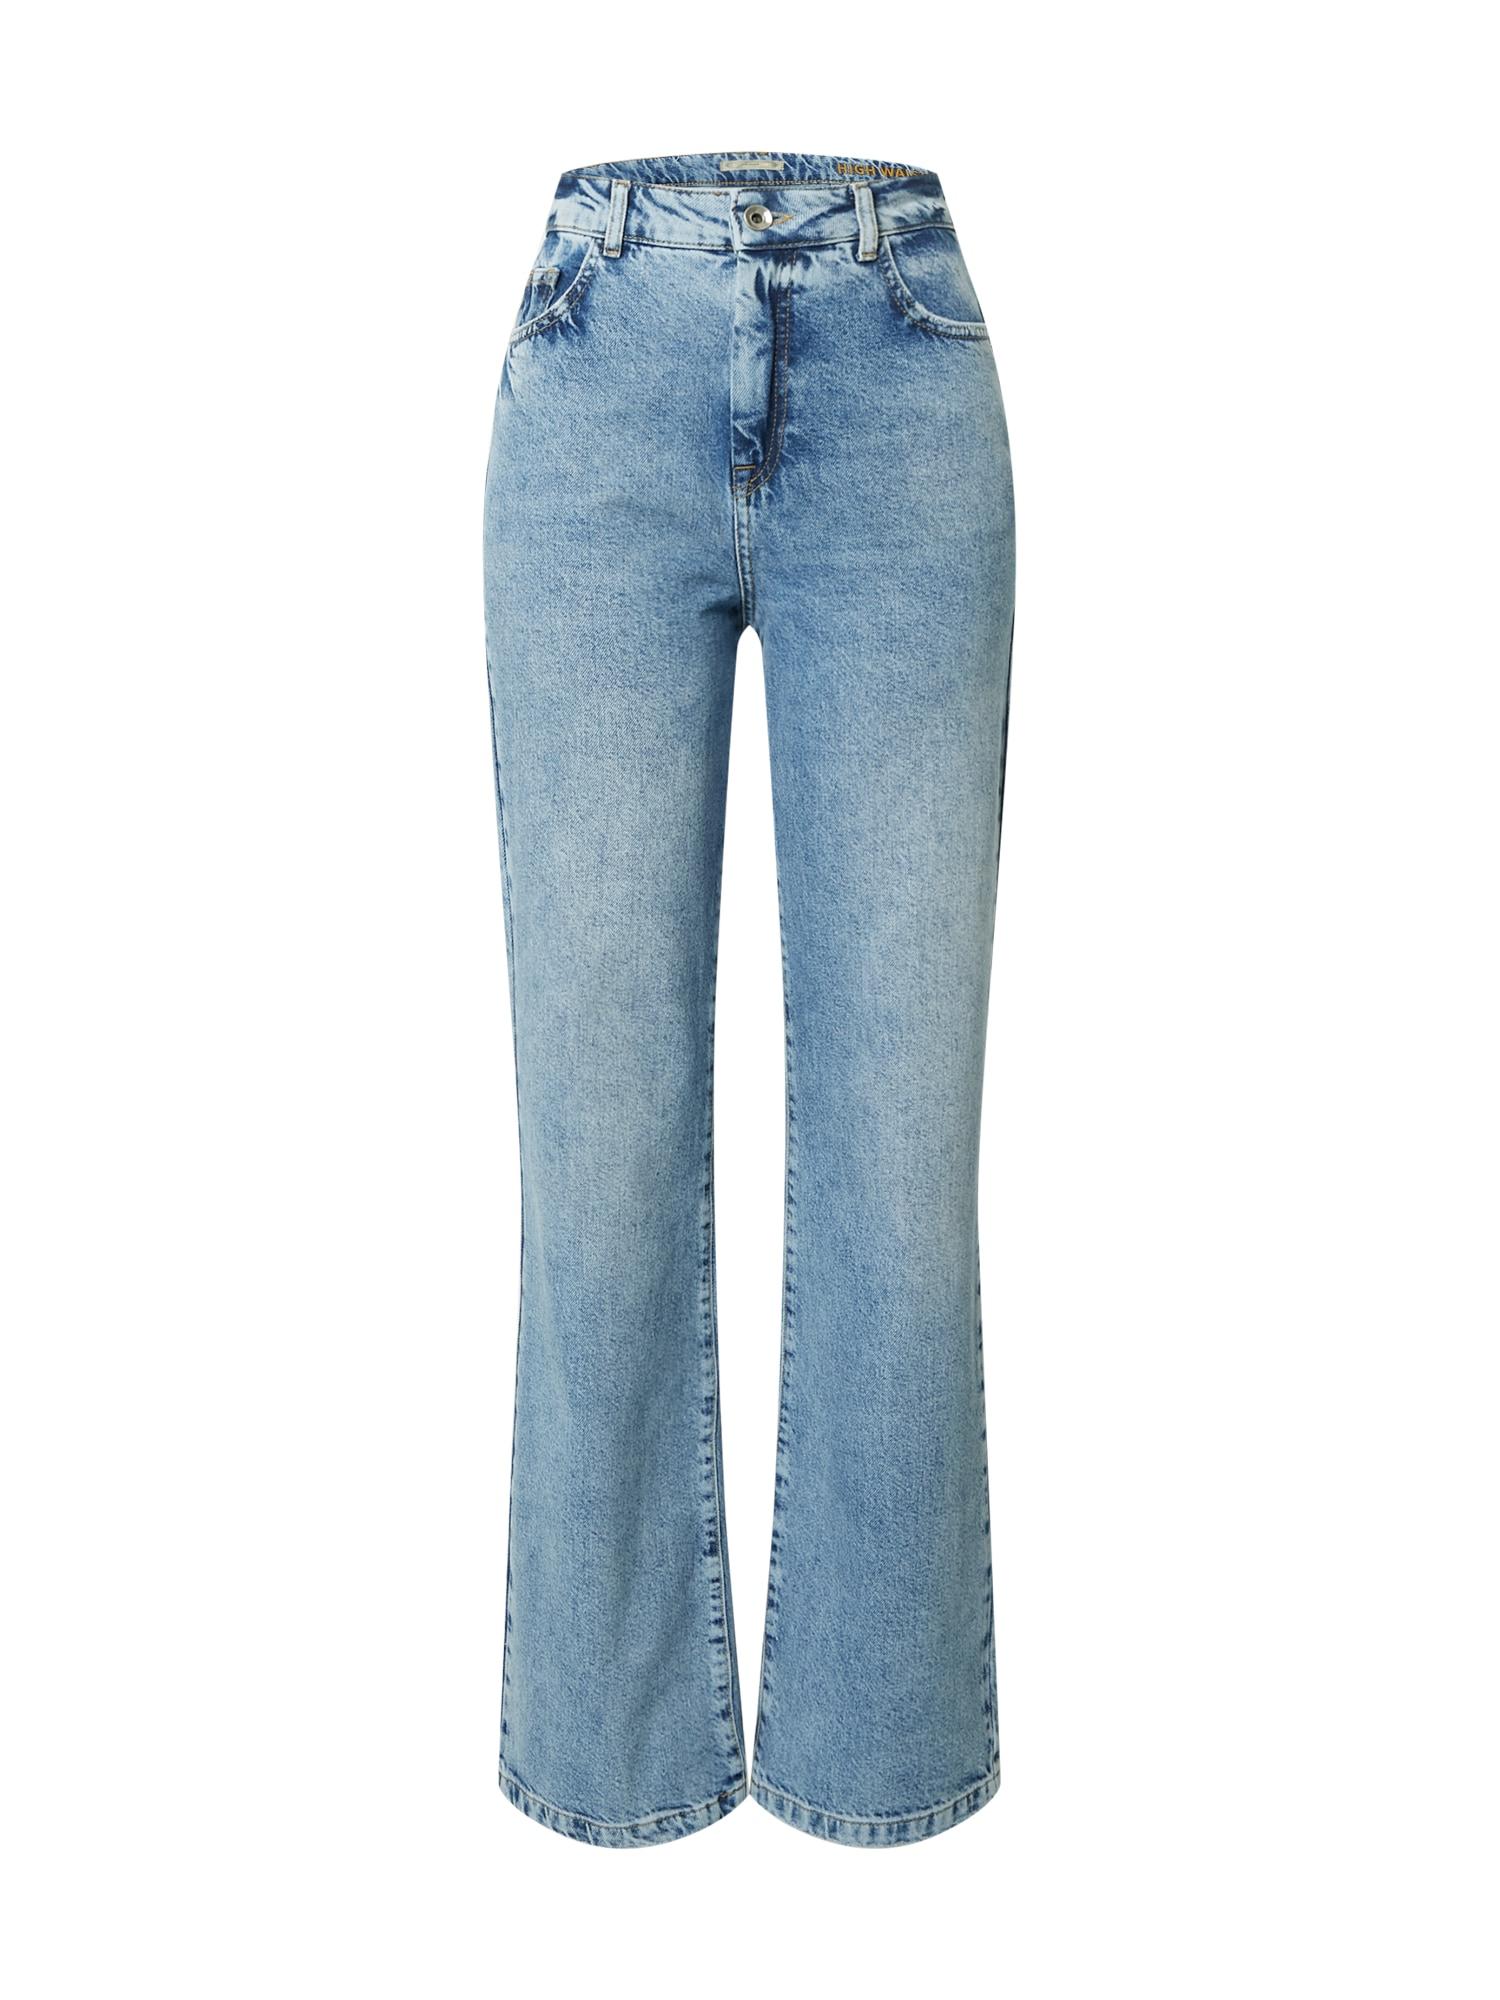 PATRIZIA PEPE Džinsai tamsiai (džinso) mėlyna